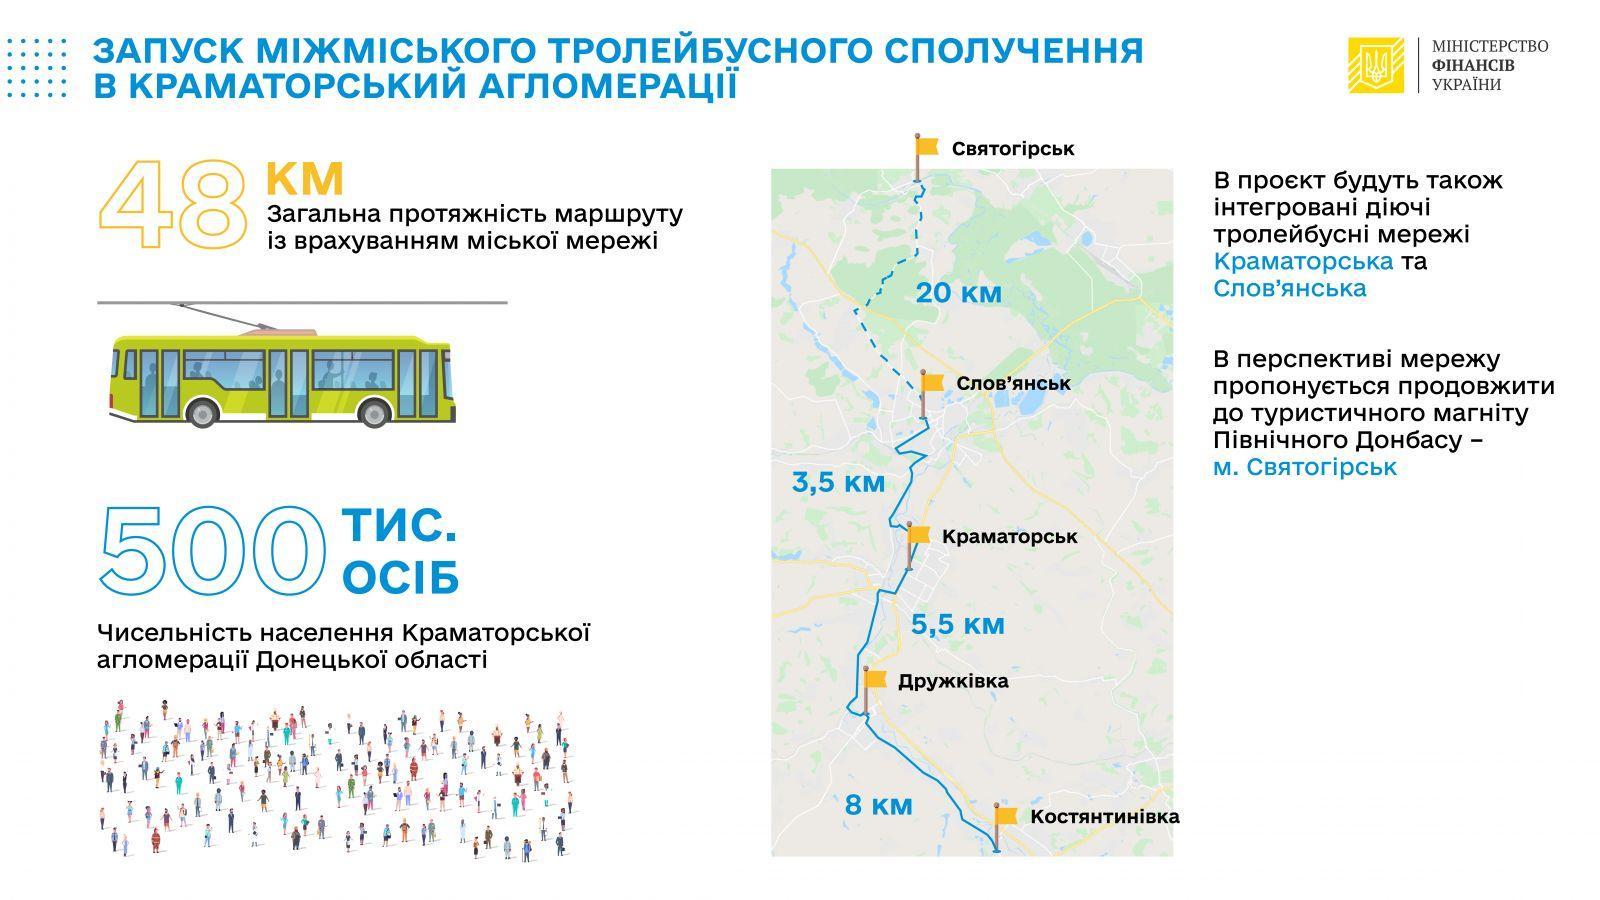 на Донбасі тролейбусну лінію довжиною 48 км